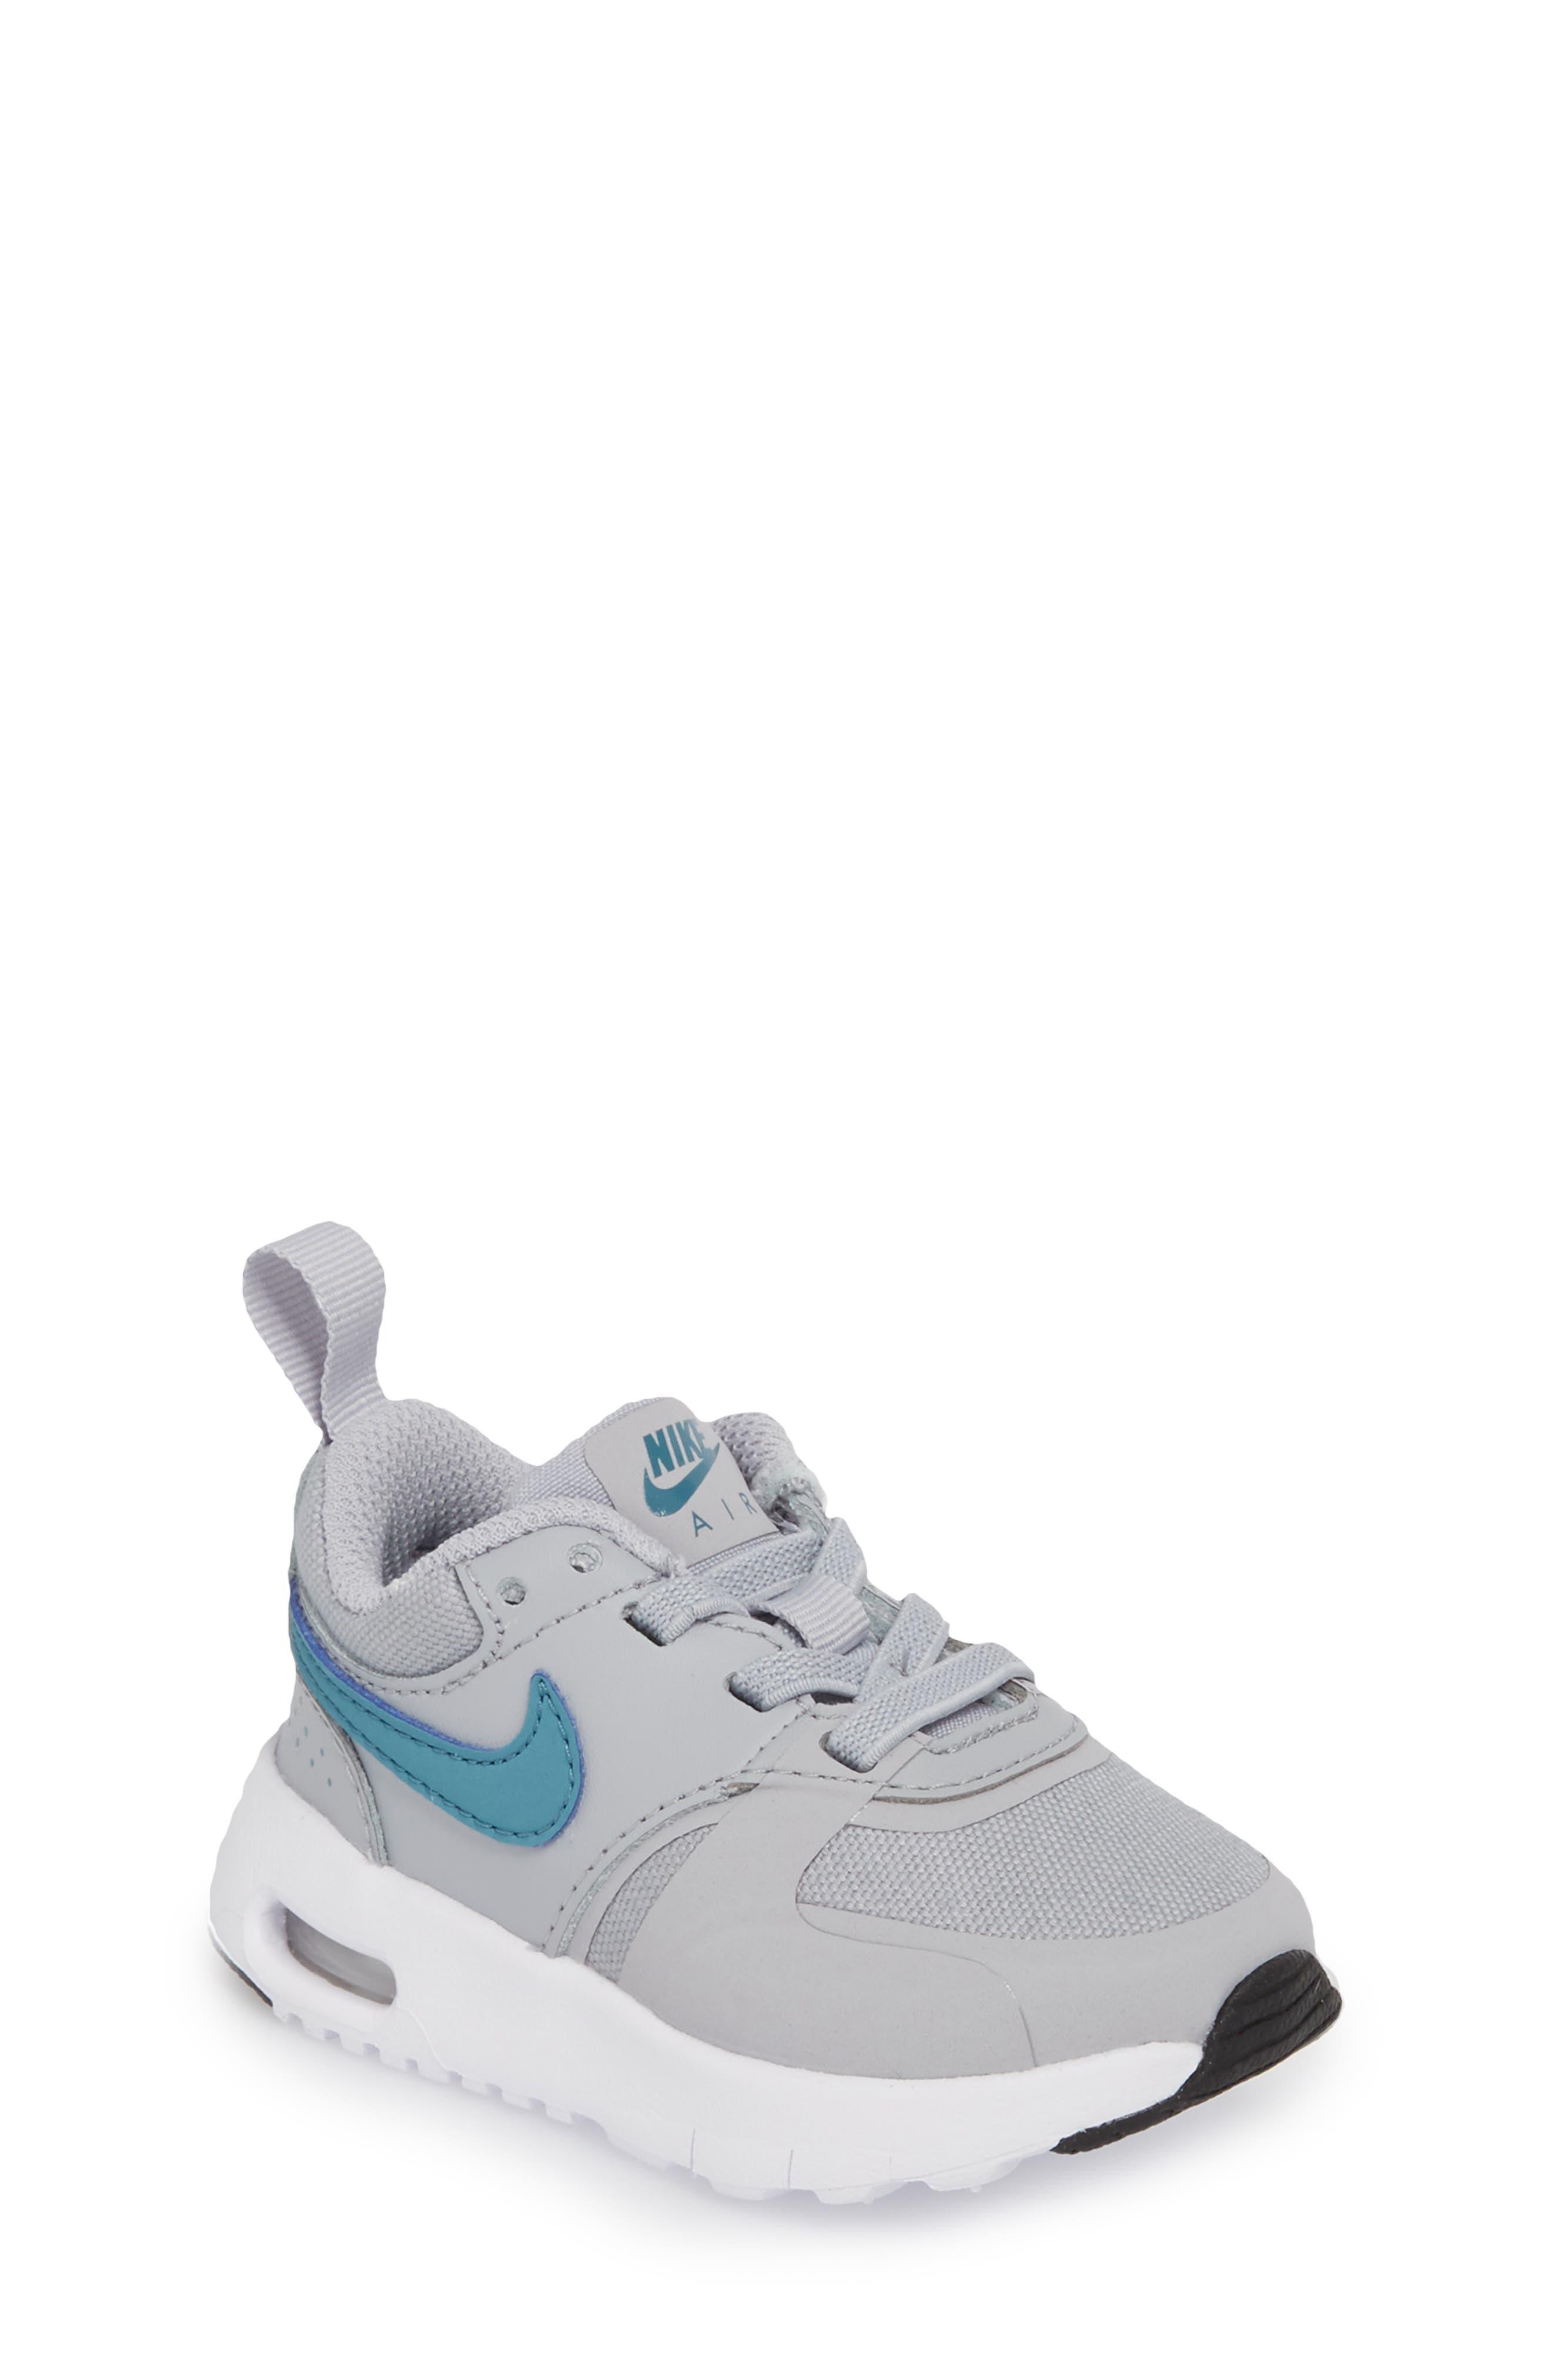 Air Max Vision Sneaker,                         Main,                         color, 021